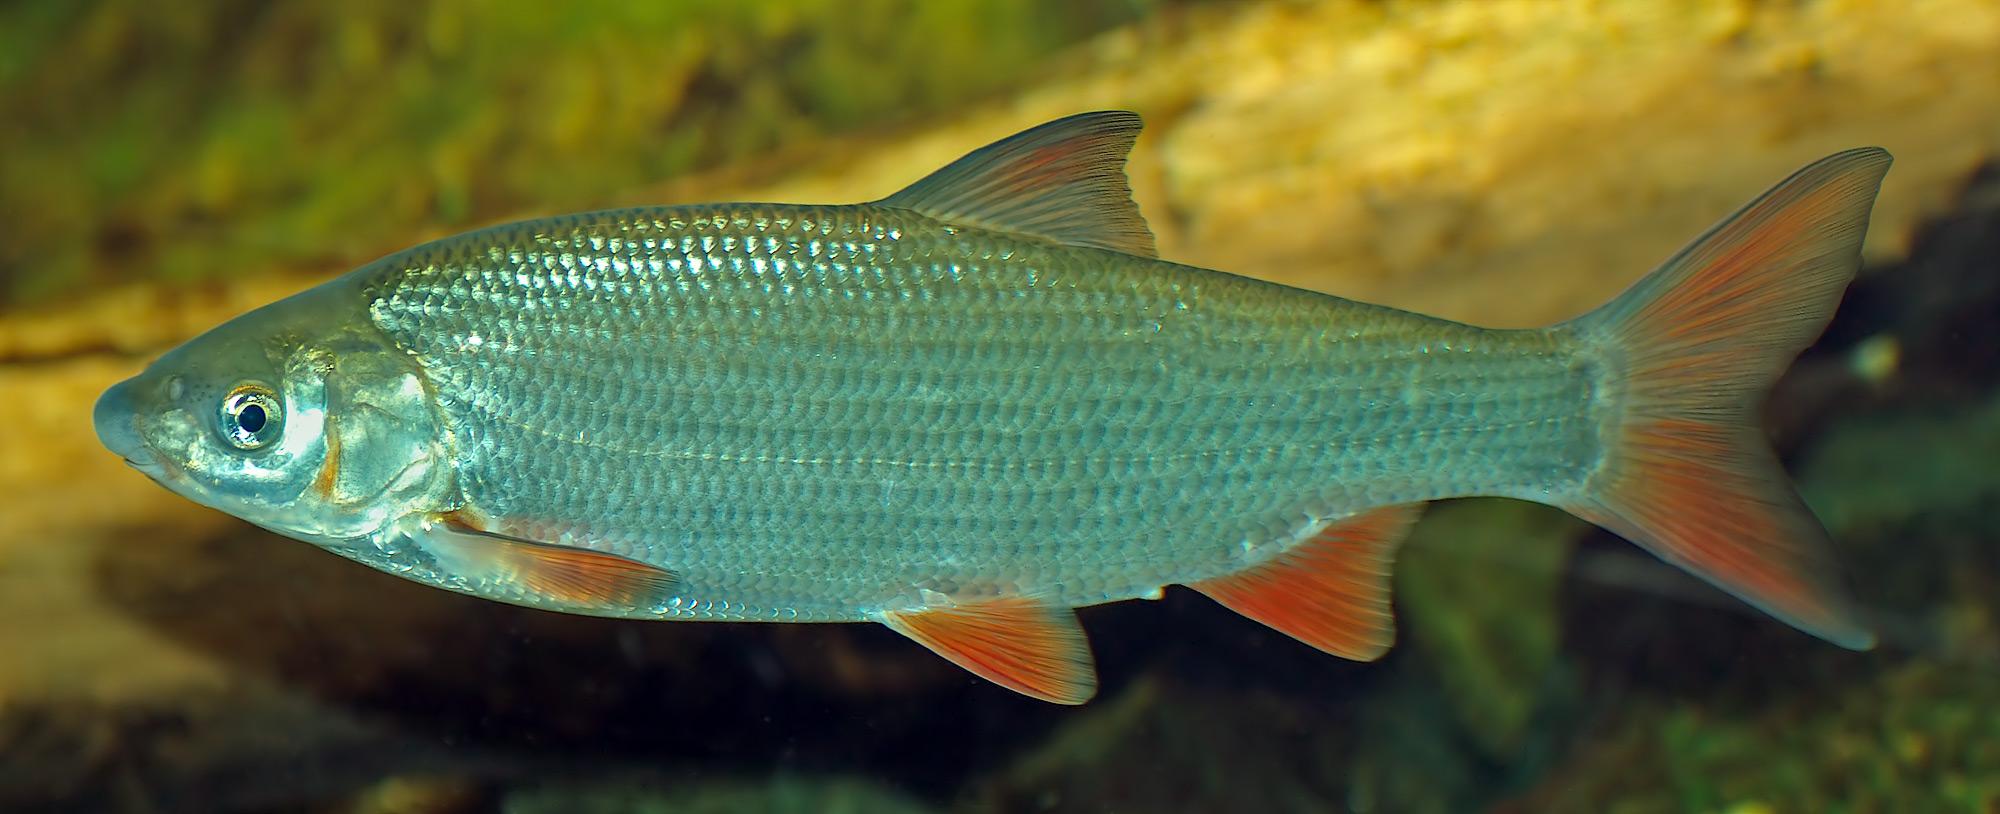 Nase fisch for Fisch bilder